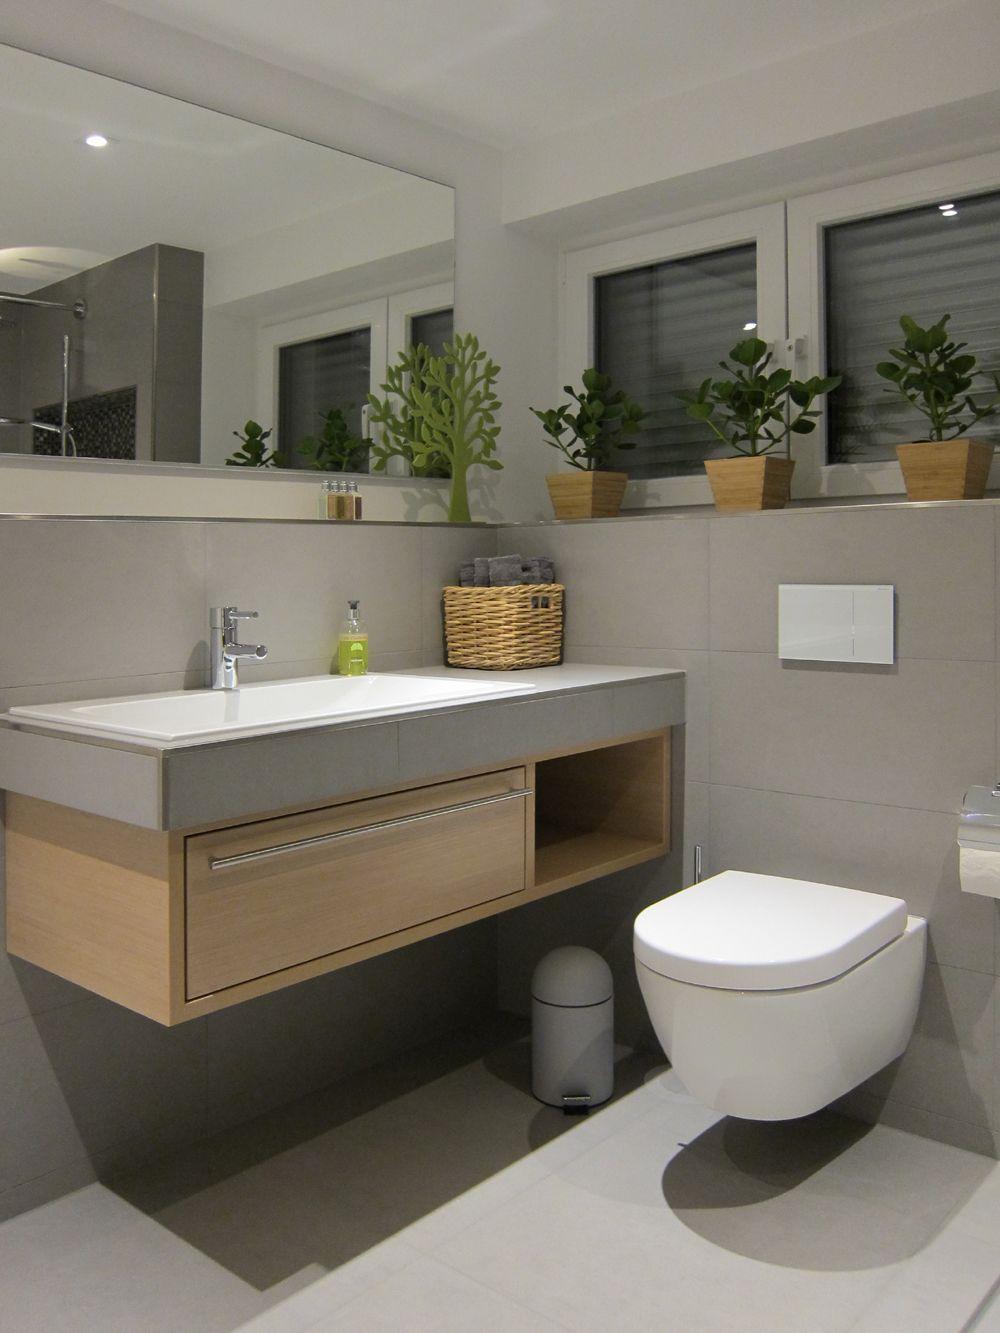 Waschtisch Und Wc Im Gastebad Waschtisch Badezimmerideen Badezimmer Gestalten